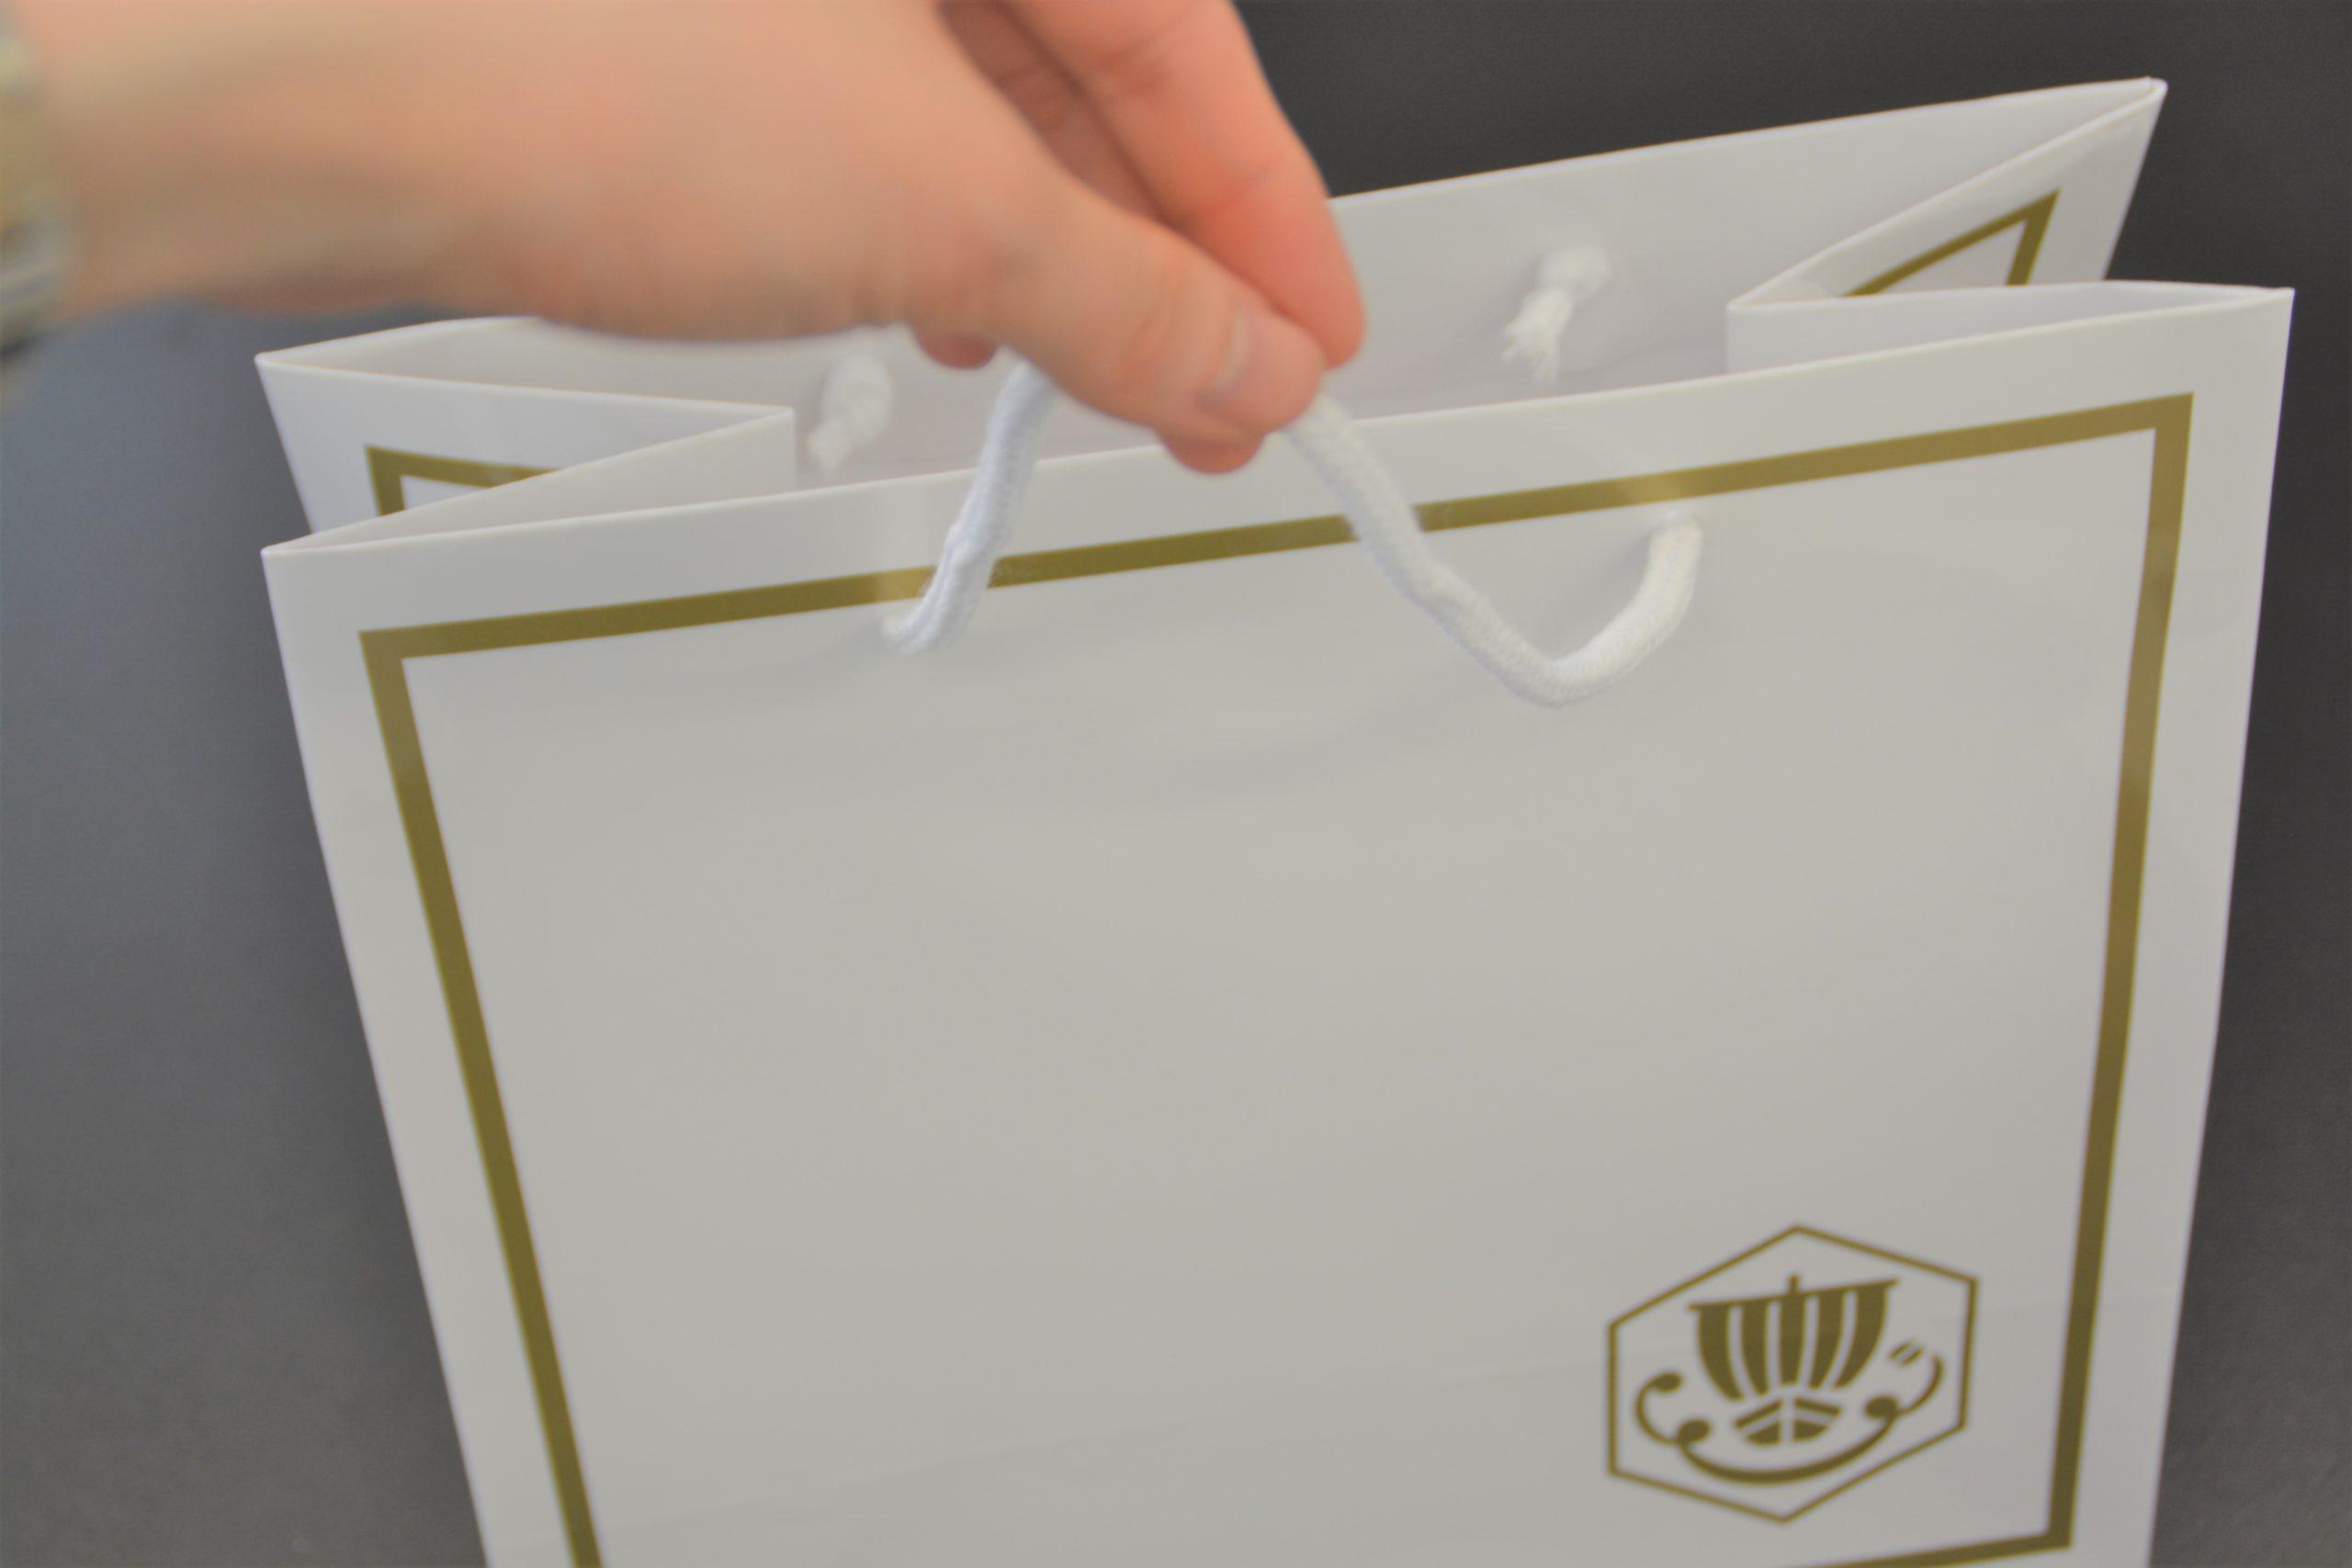 穴タイプとは【紙袋の手提げタイプの違いが分かる】